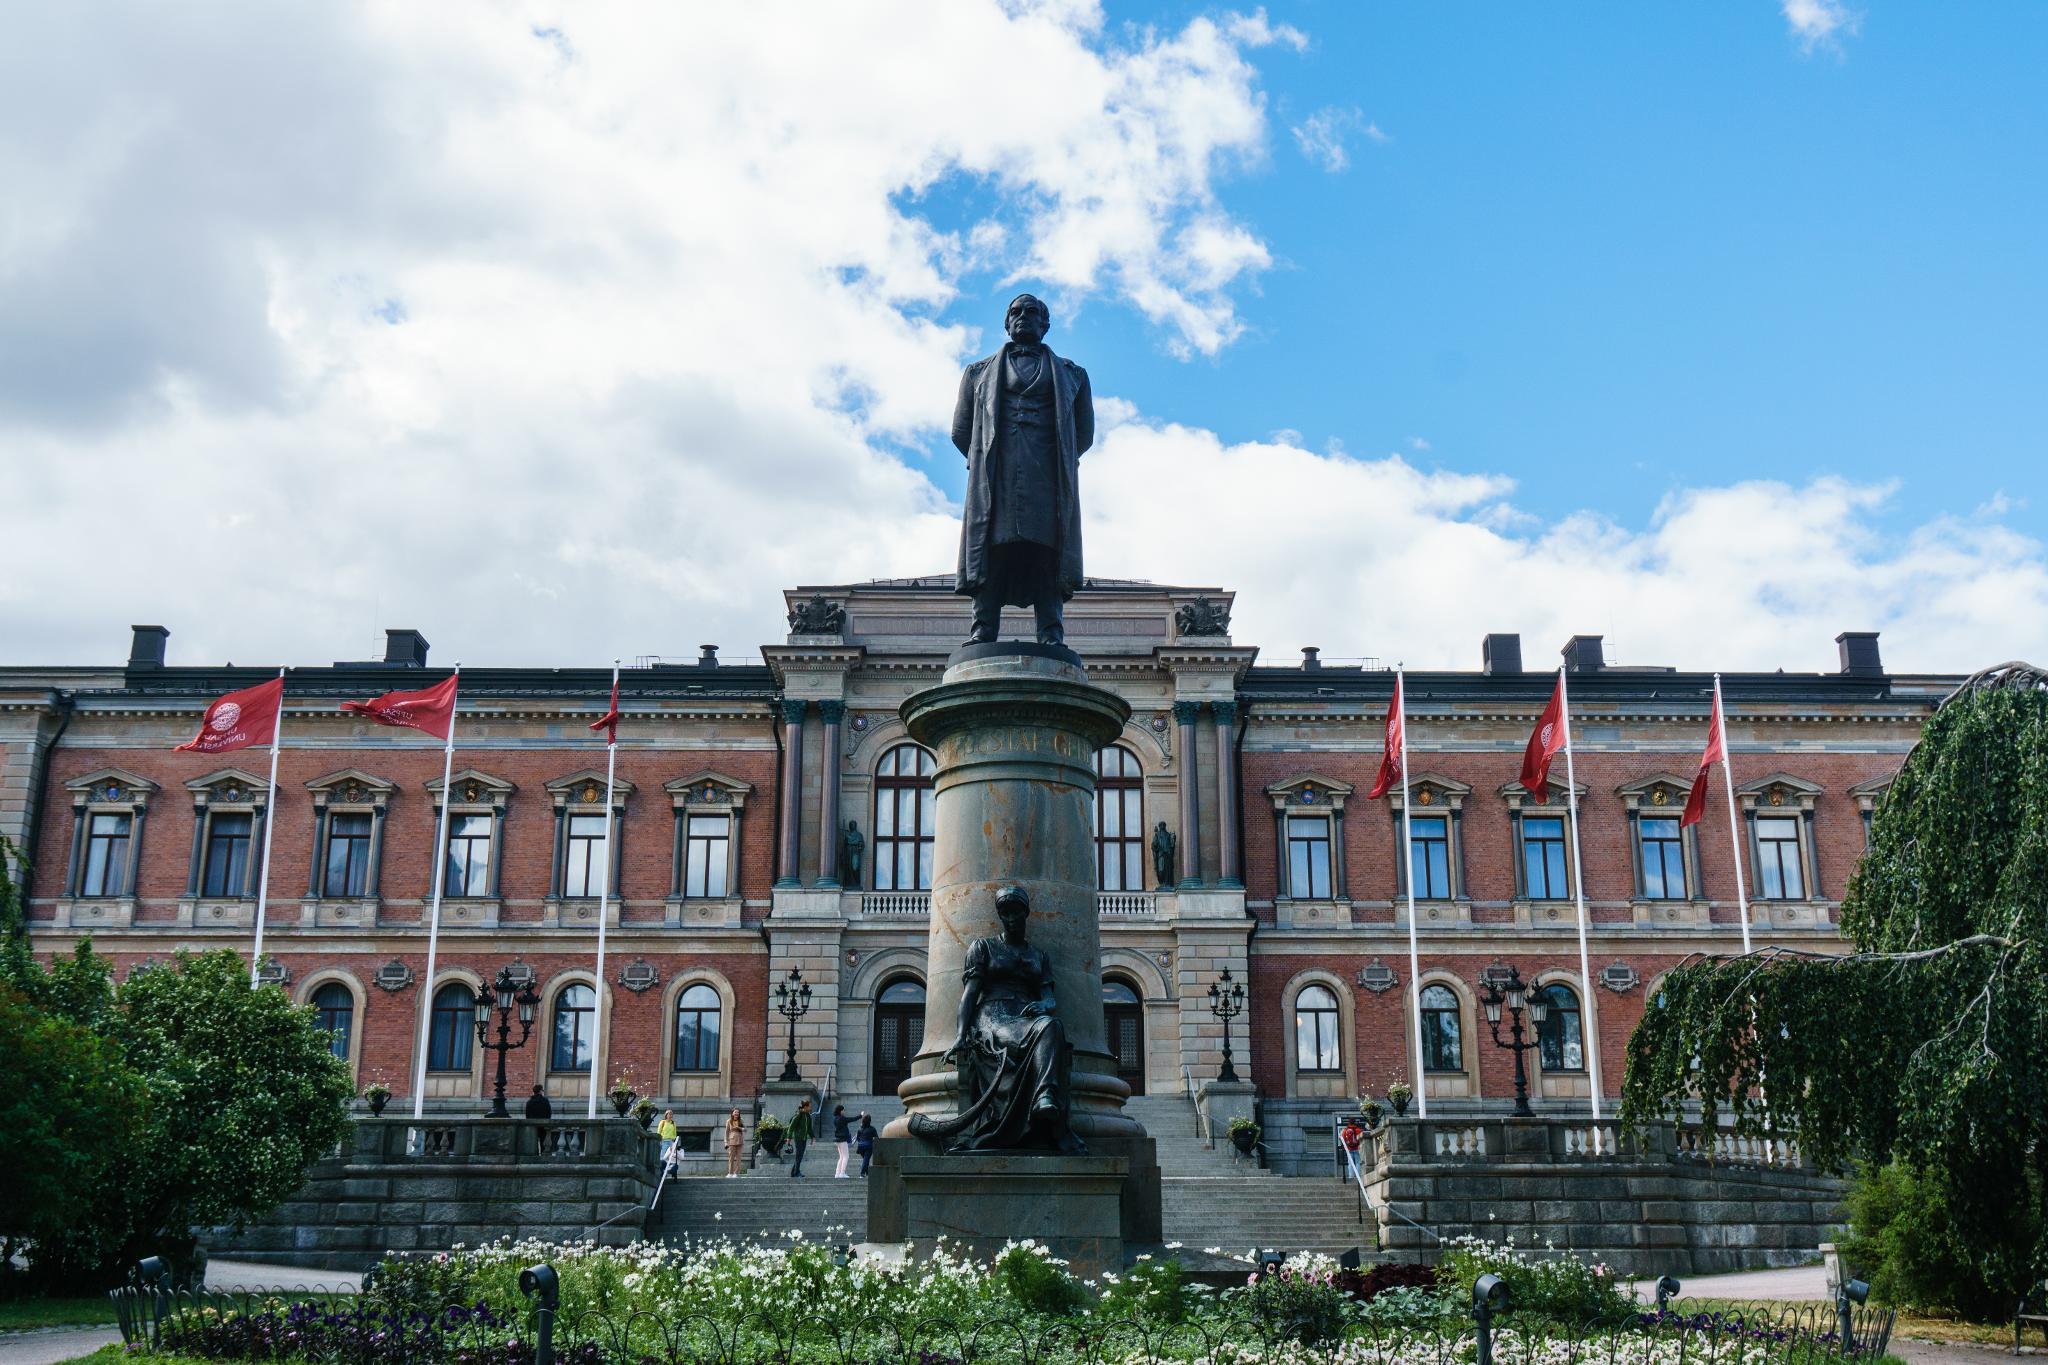 【北歐景點】瑞典的歷史縮影 — 老城烏普薩拉(Uppsala)的人文風景 18